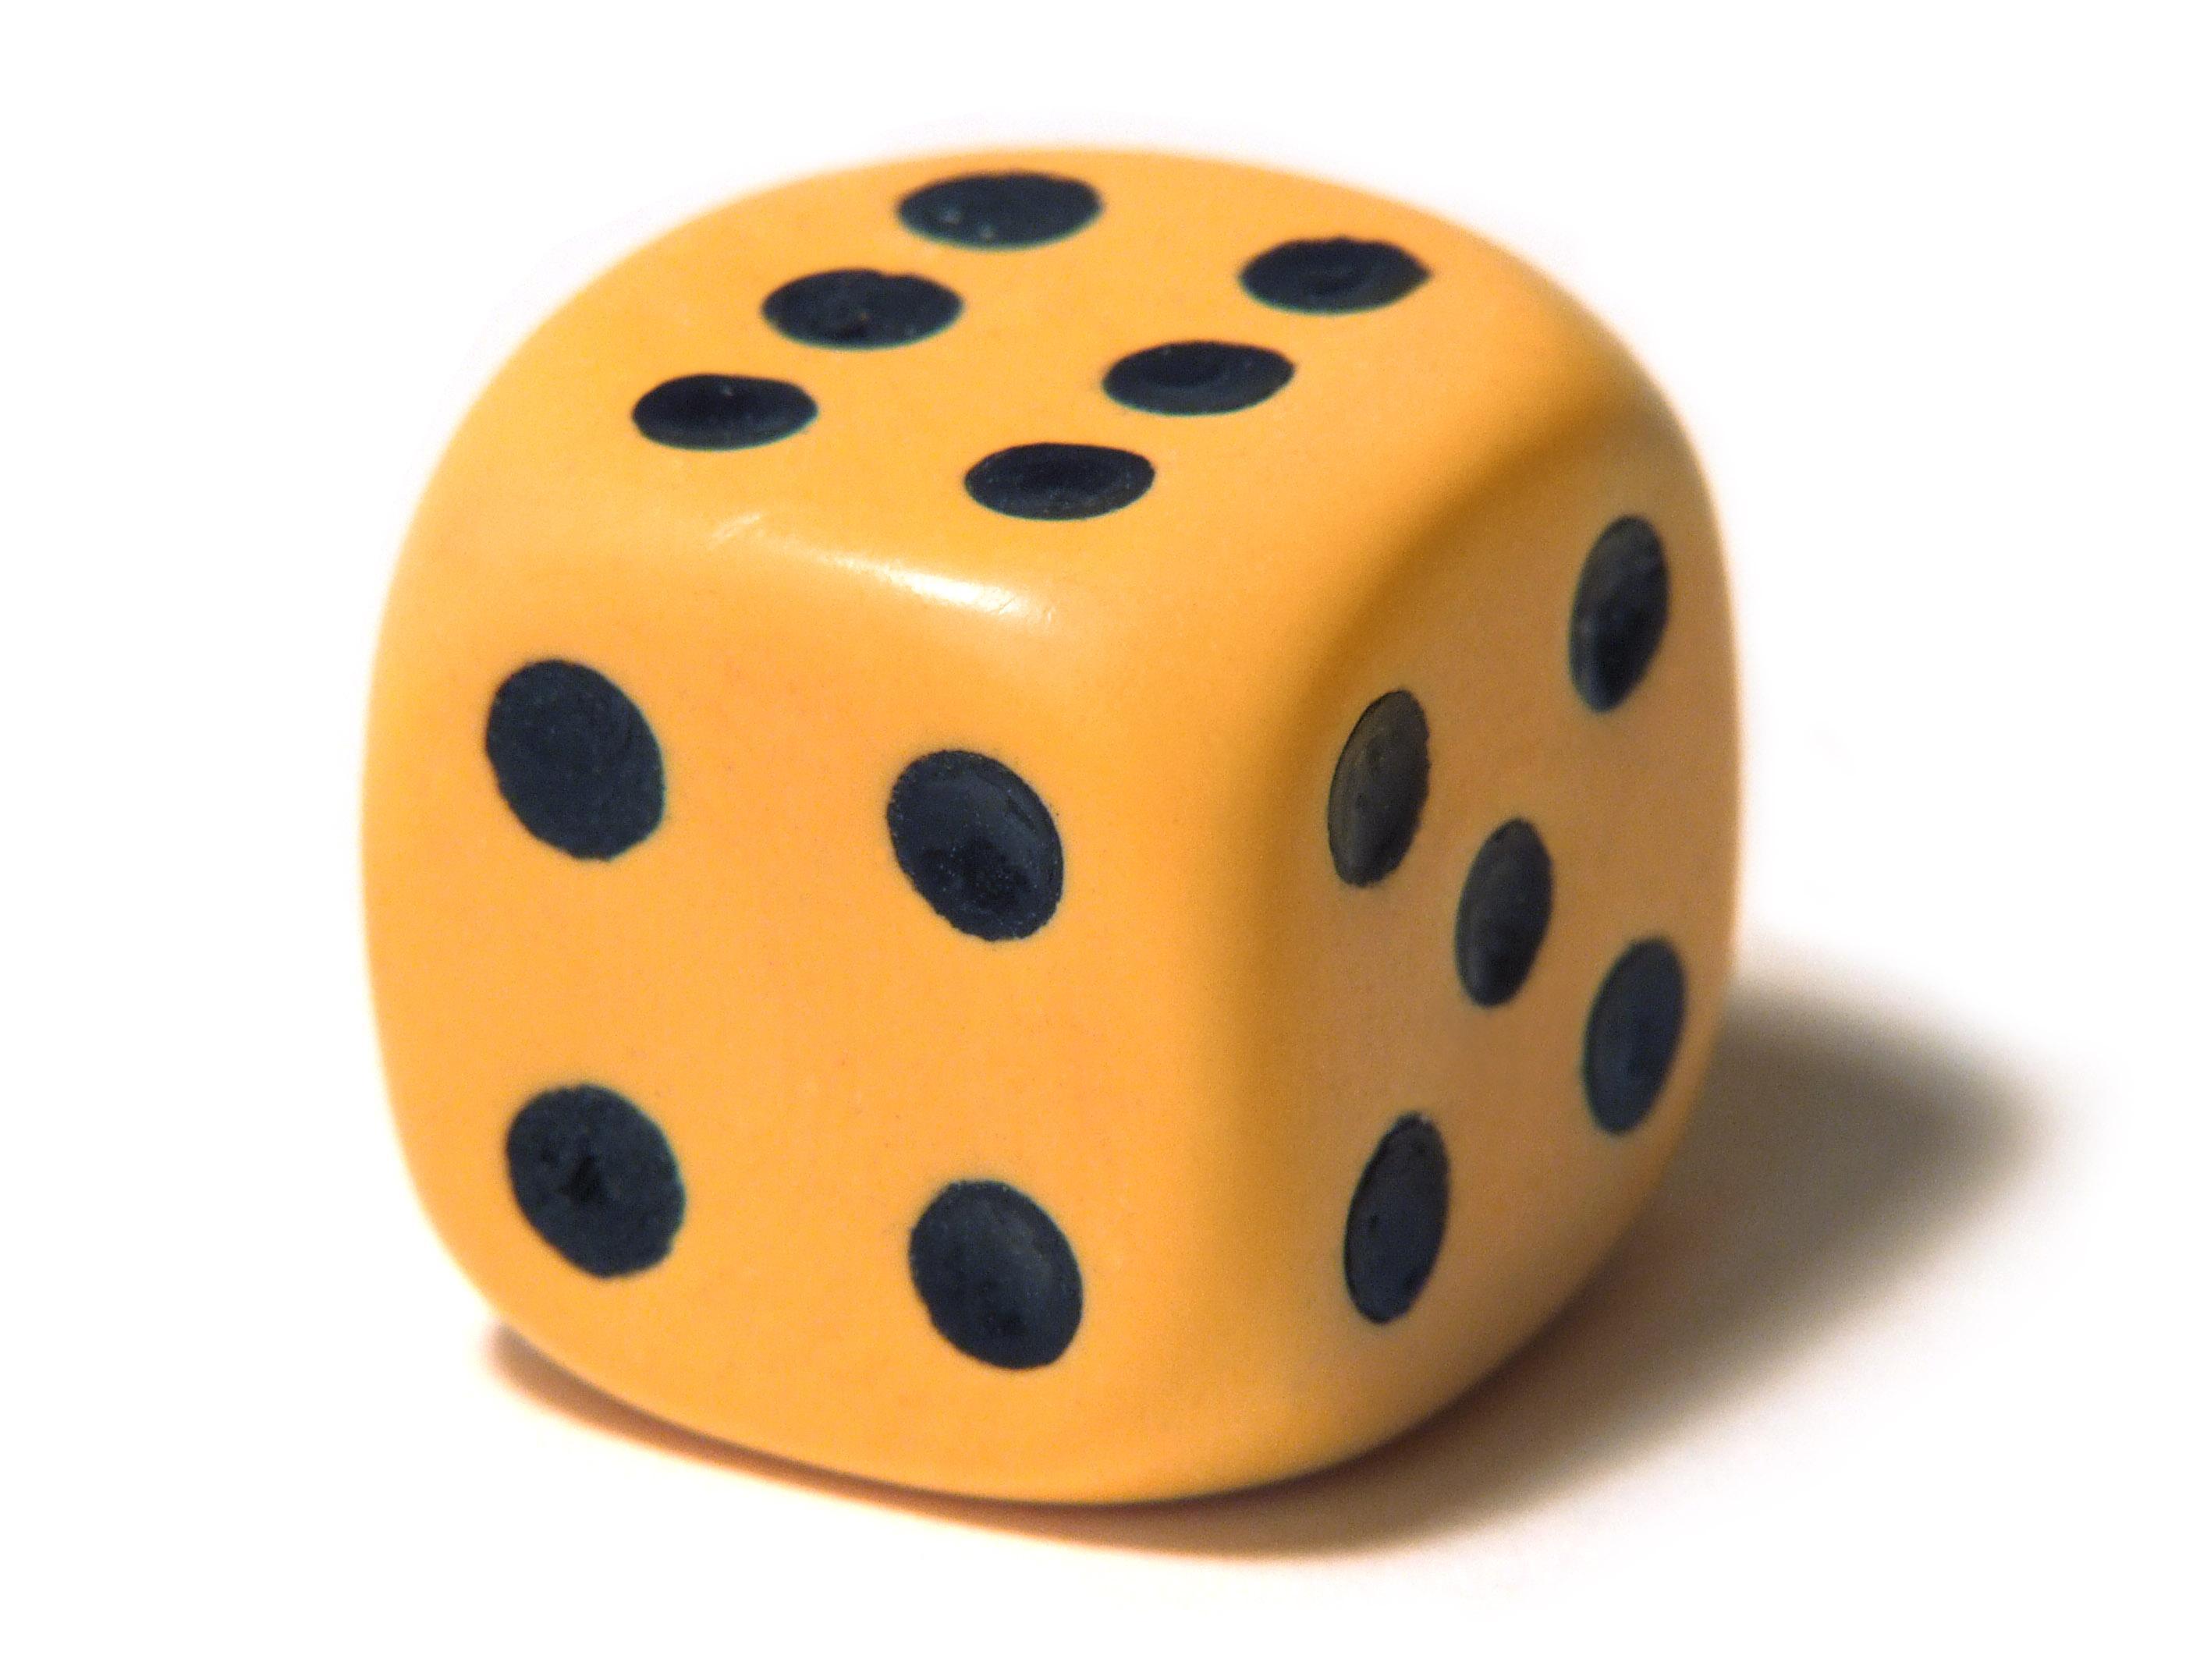 картинка что похоже на кубиках бумажный моделист рассказал